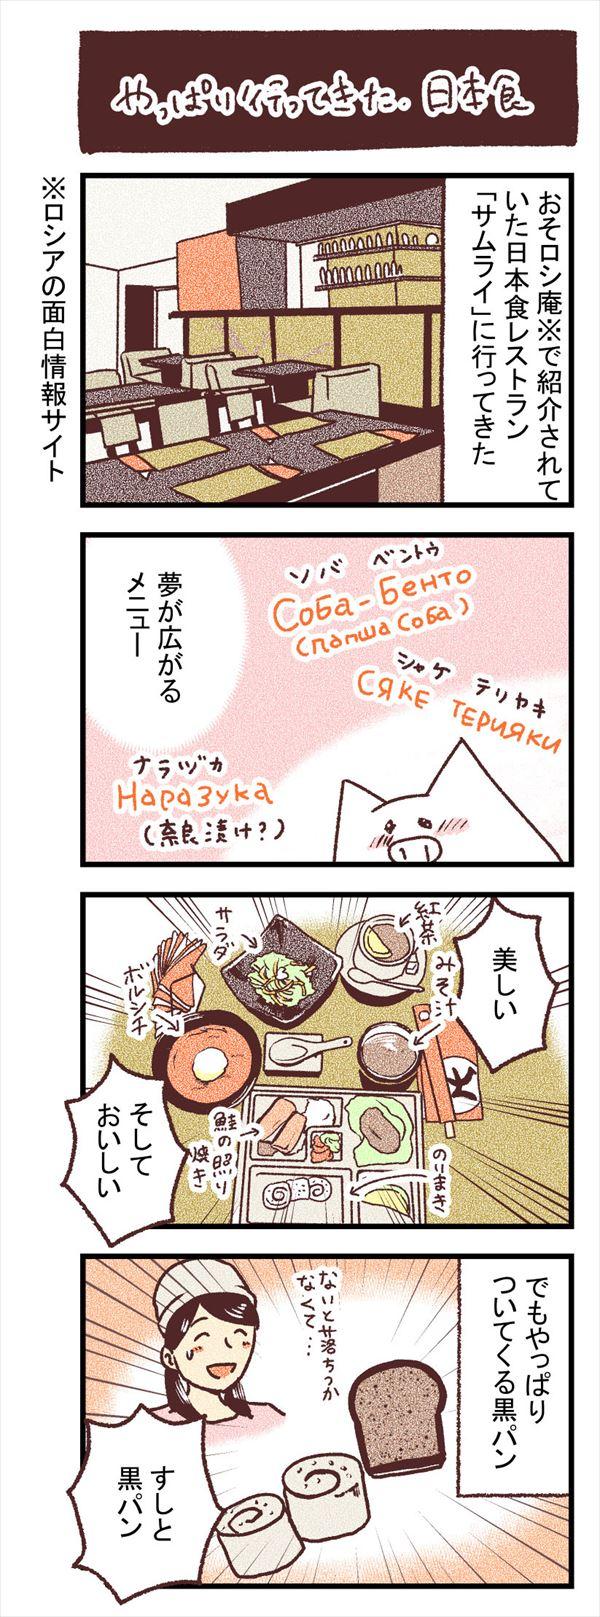 9_4koma.jpg